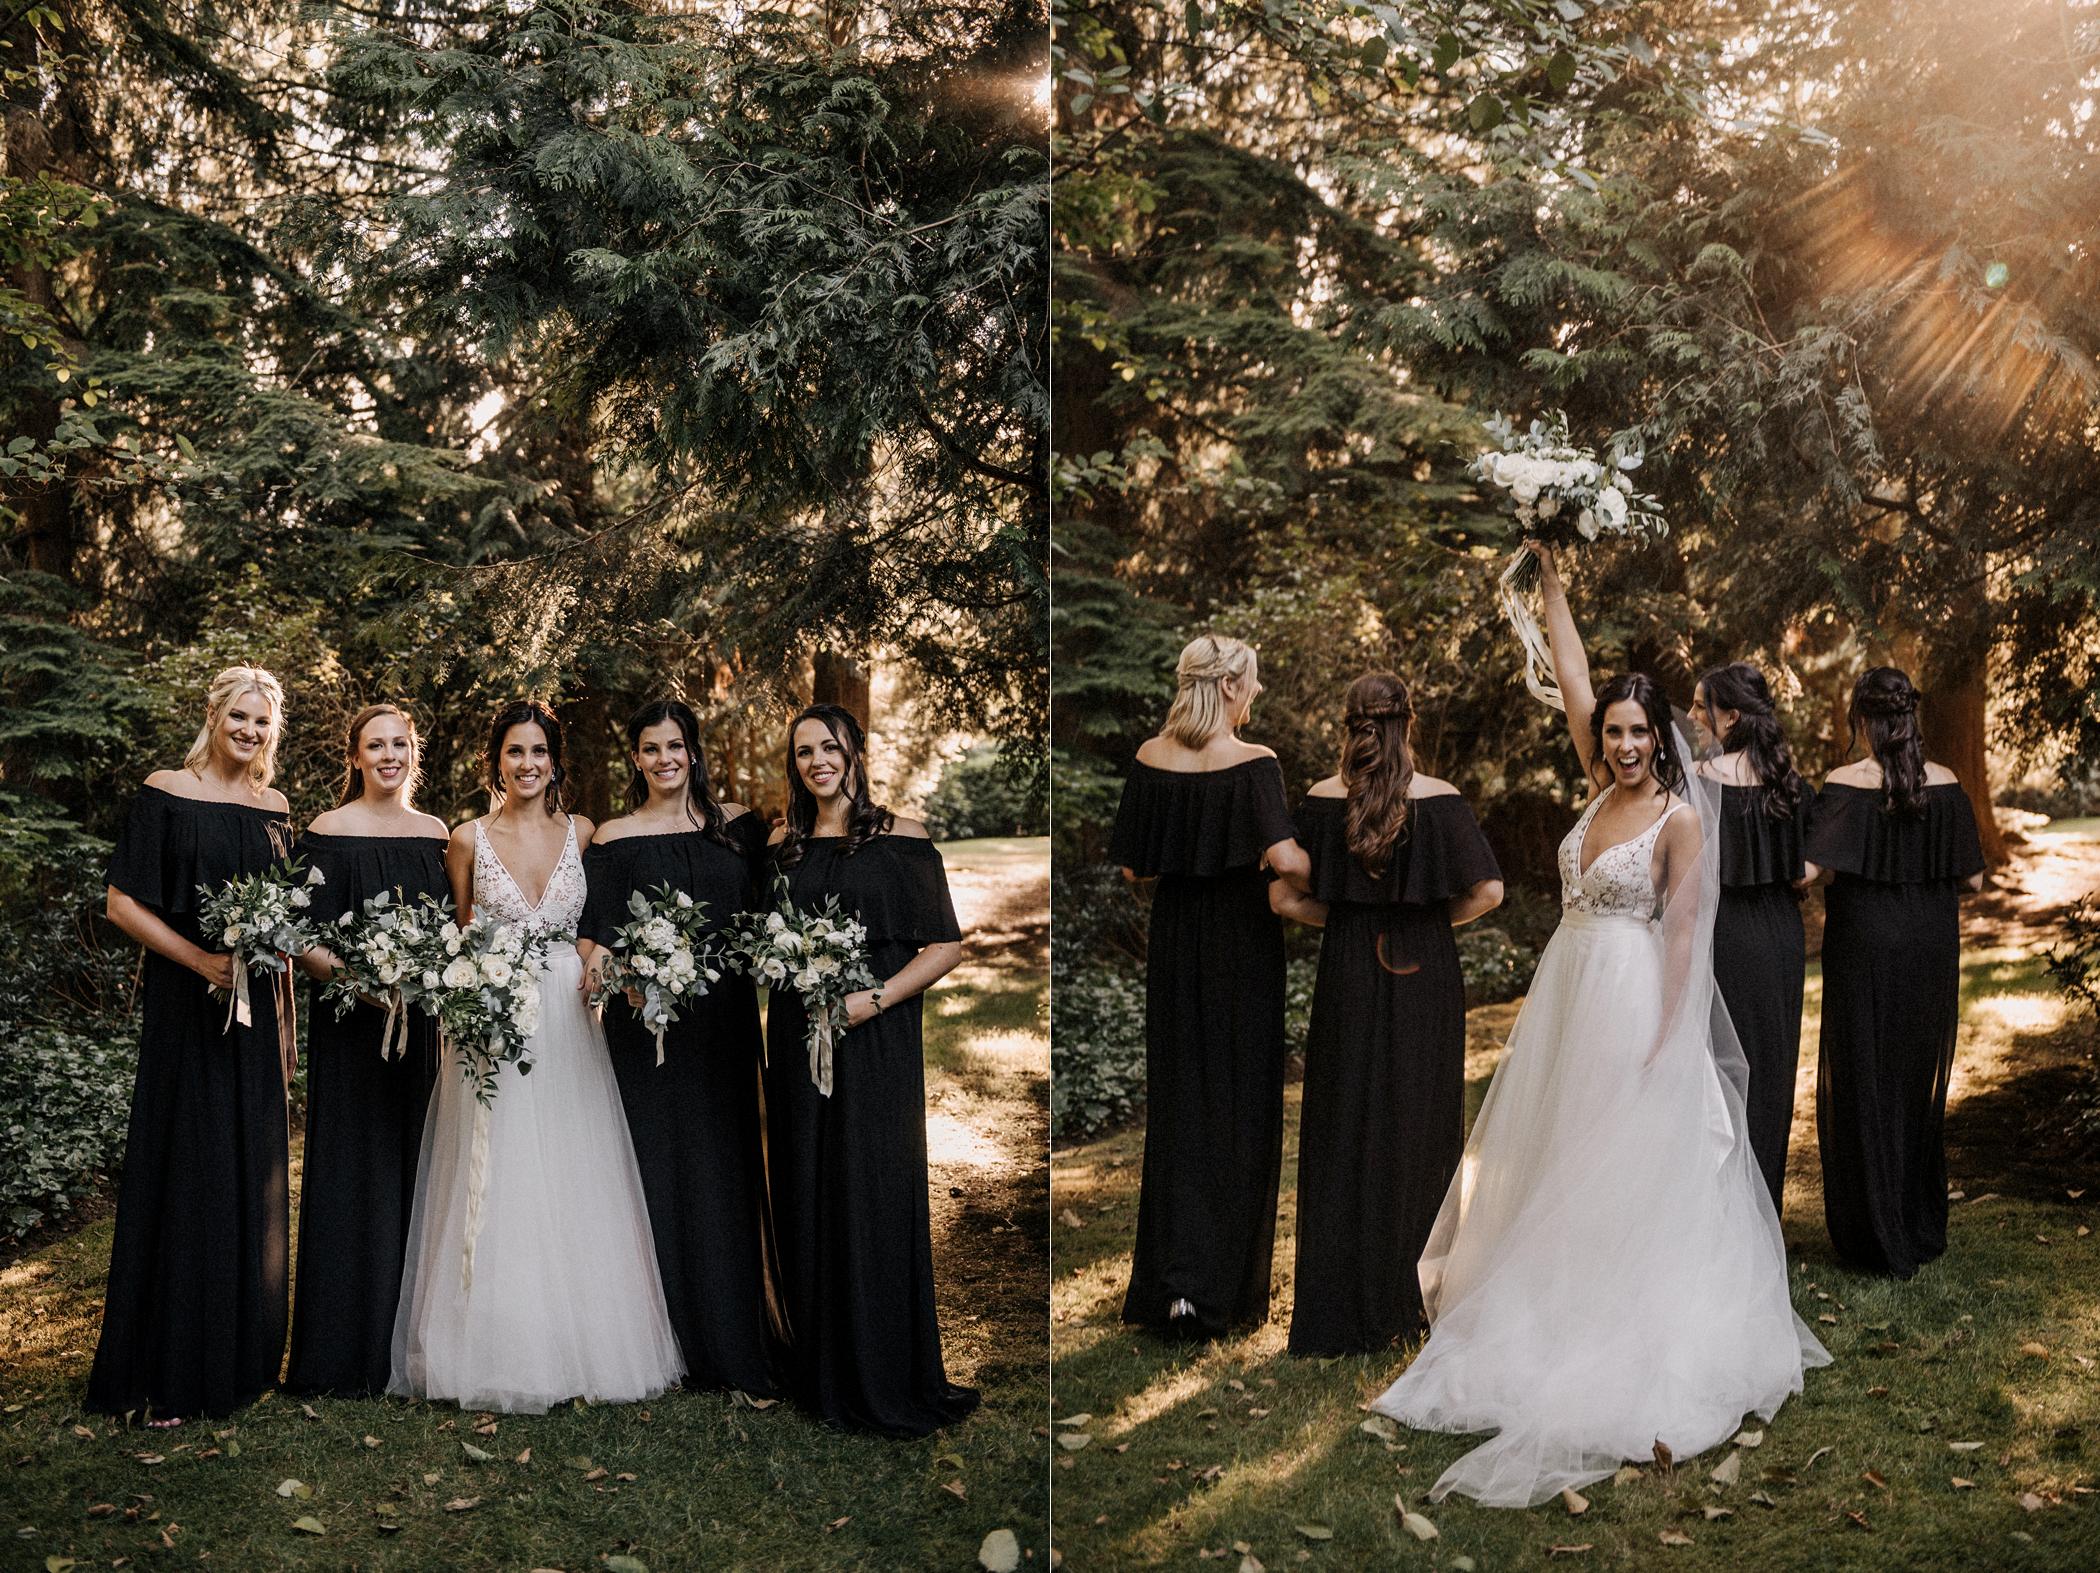 053-kaoverii-silva-KR-wedding-vancouver-photography-blog.png